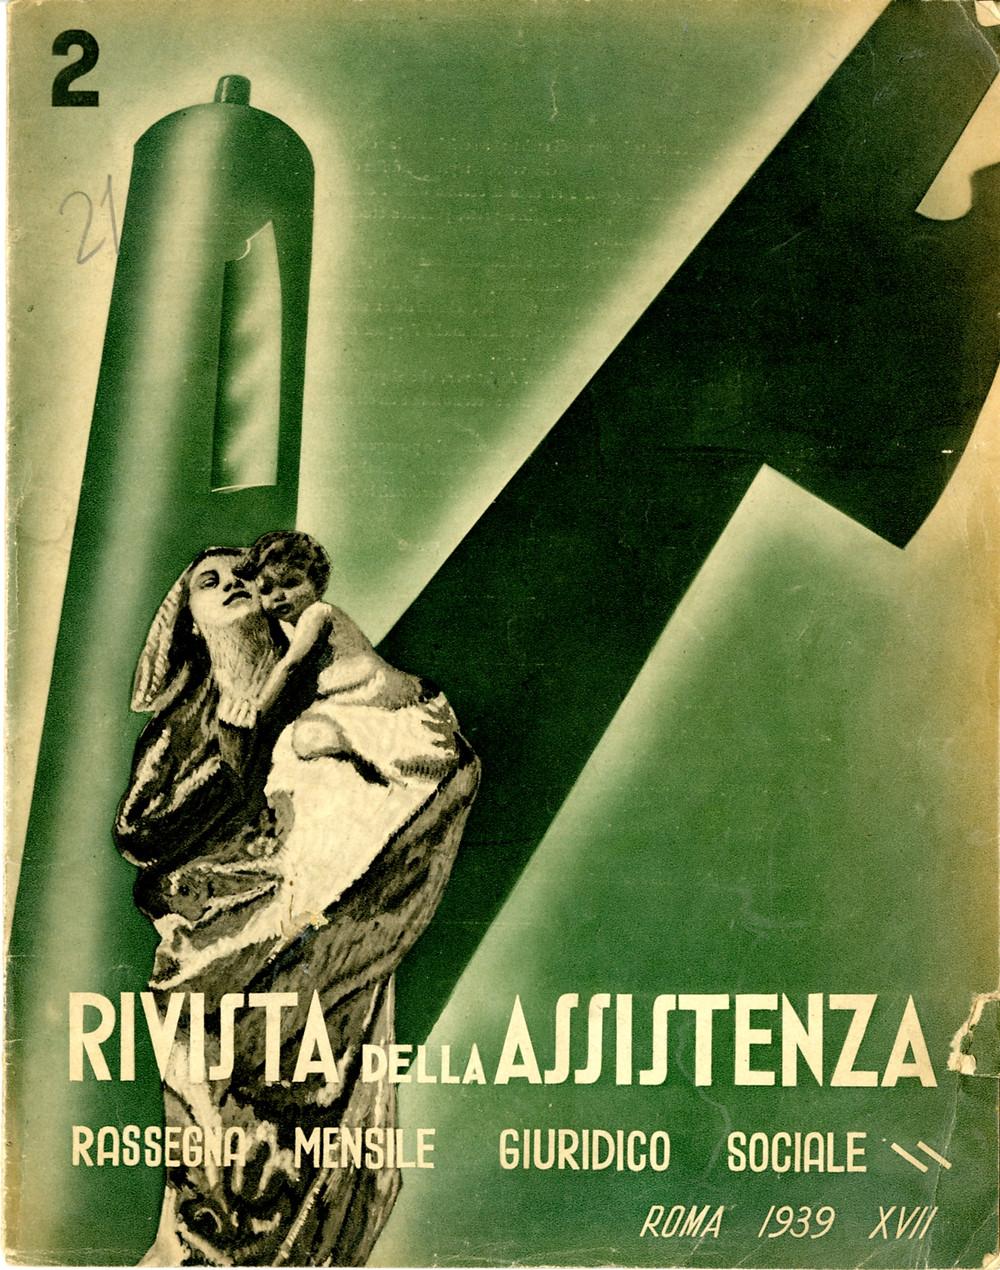 Fascist design